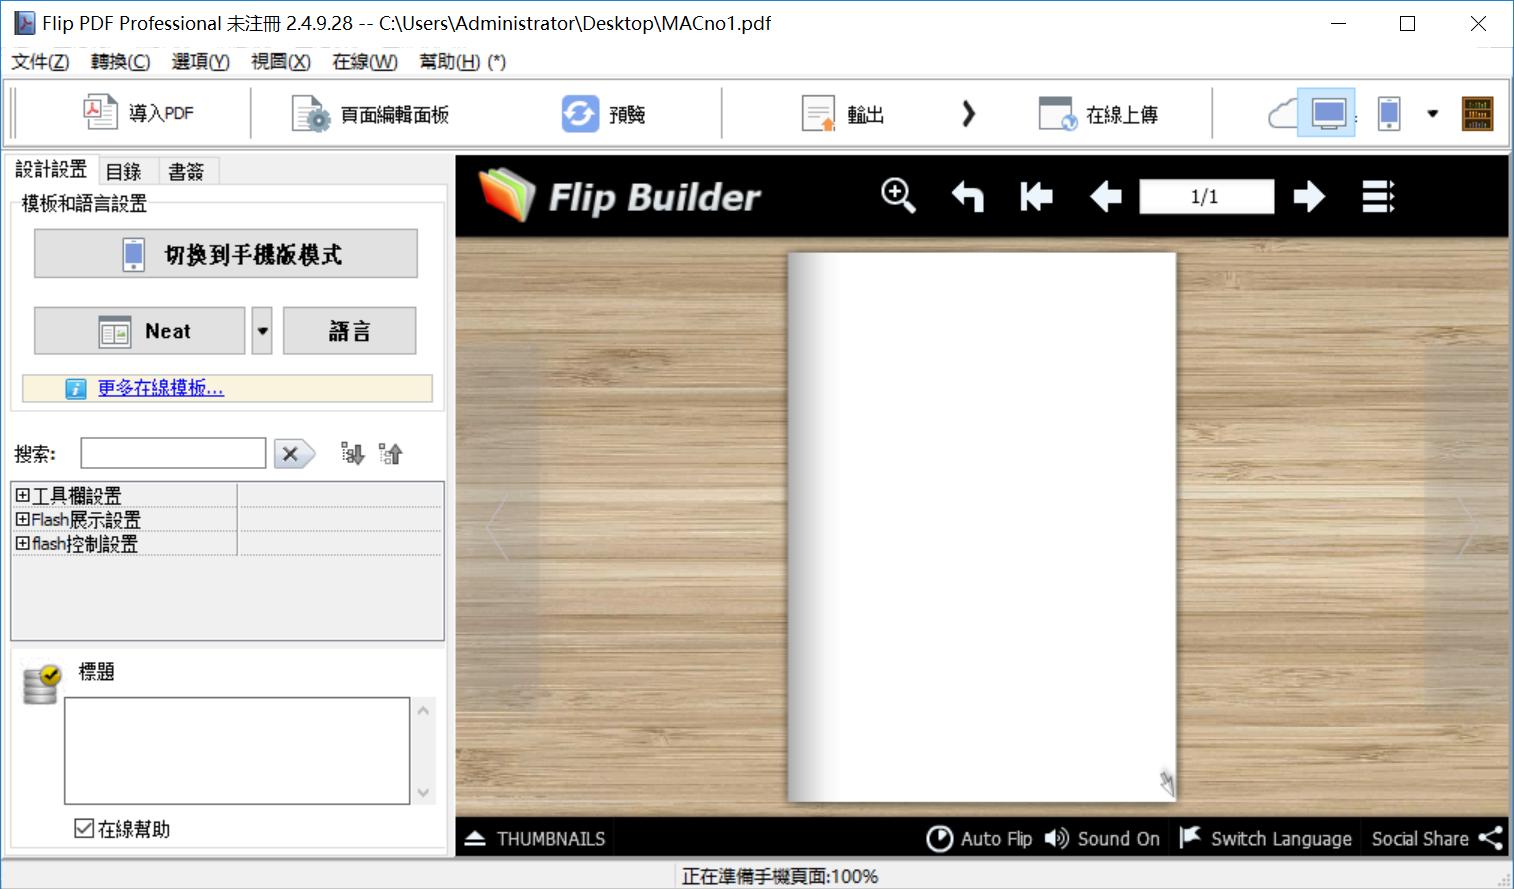 Flip PDF 破解版.png